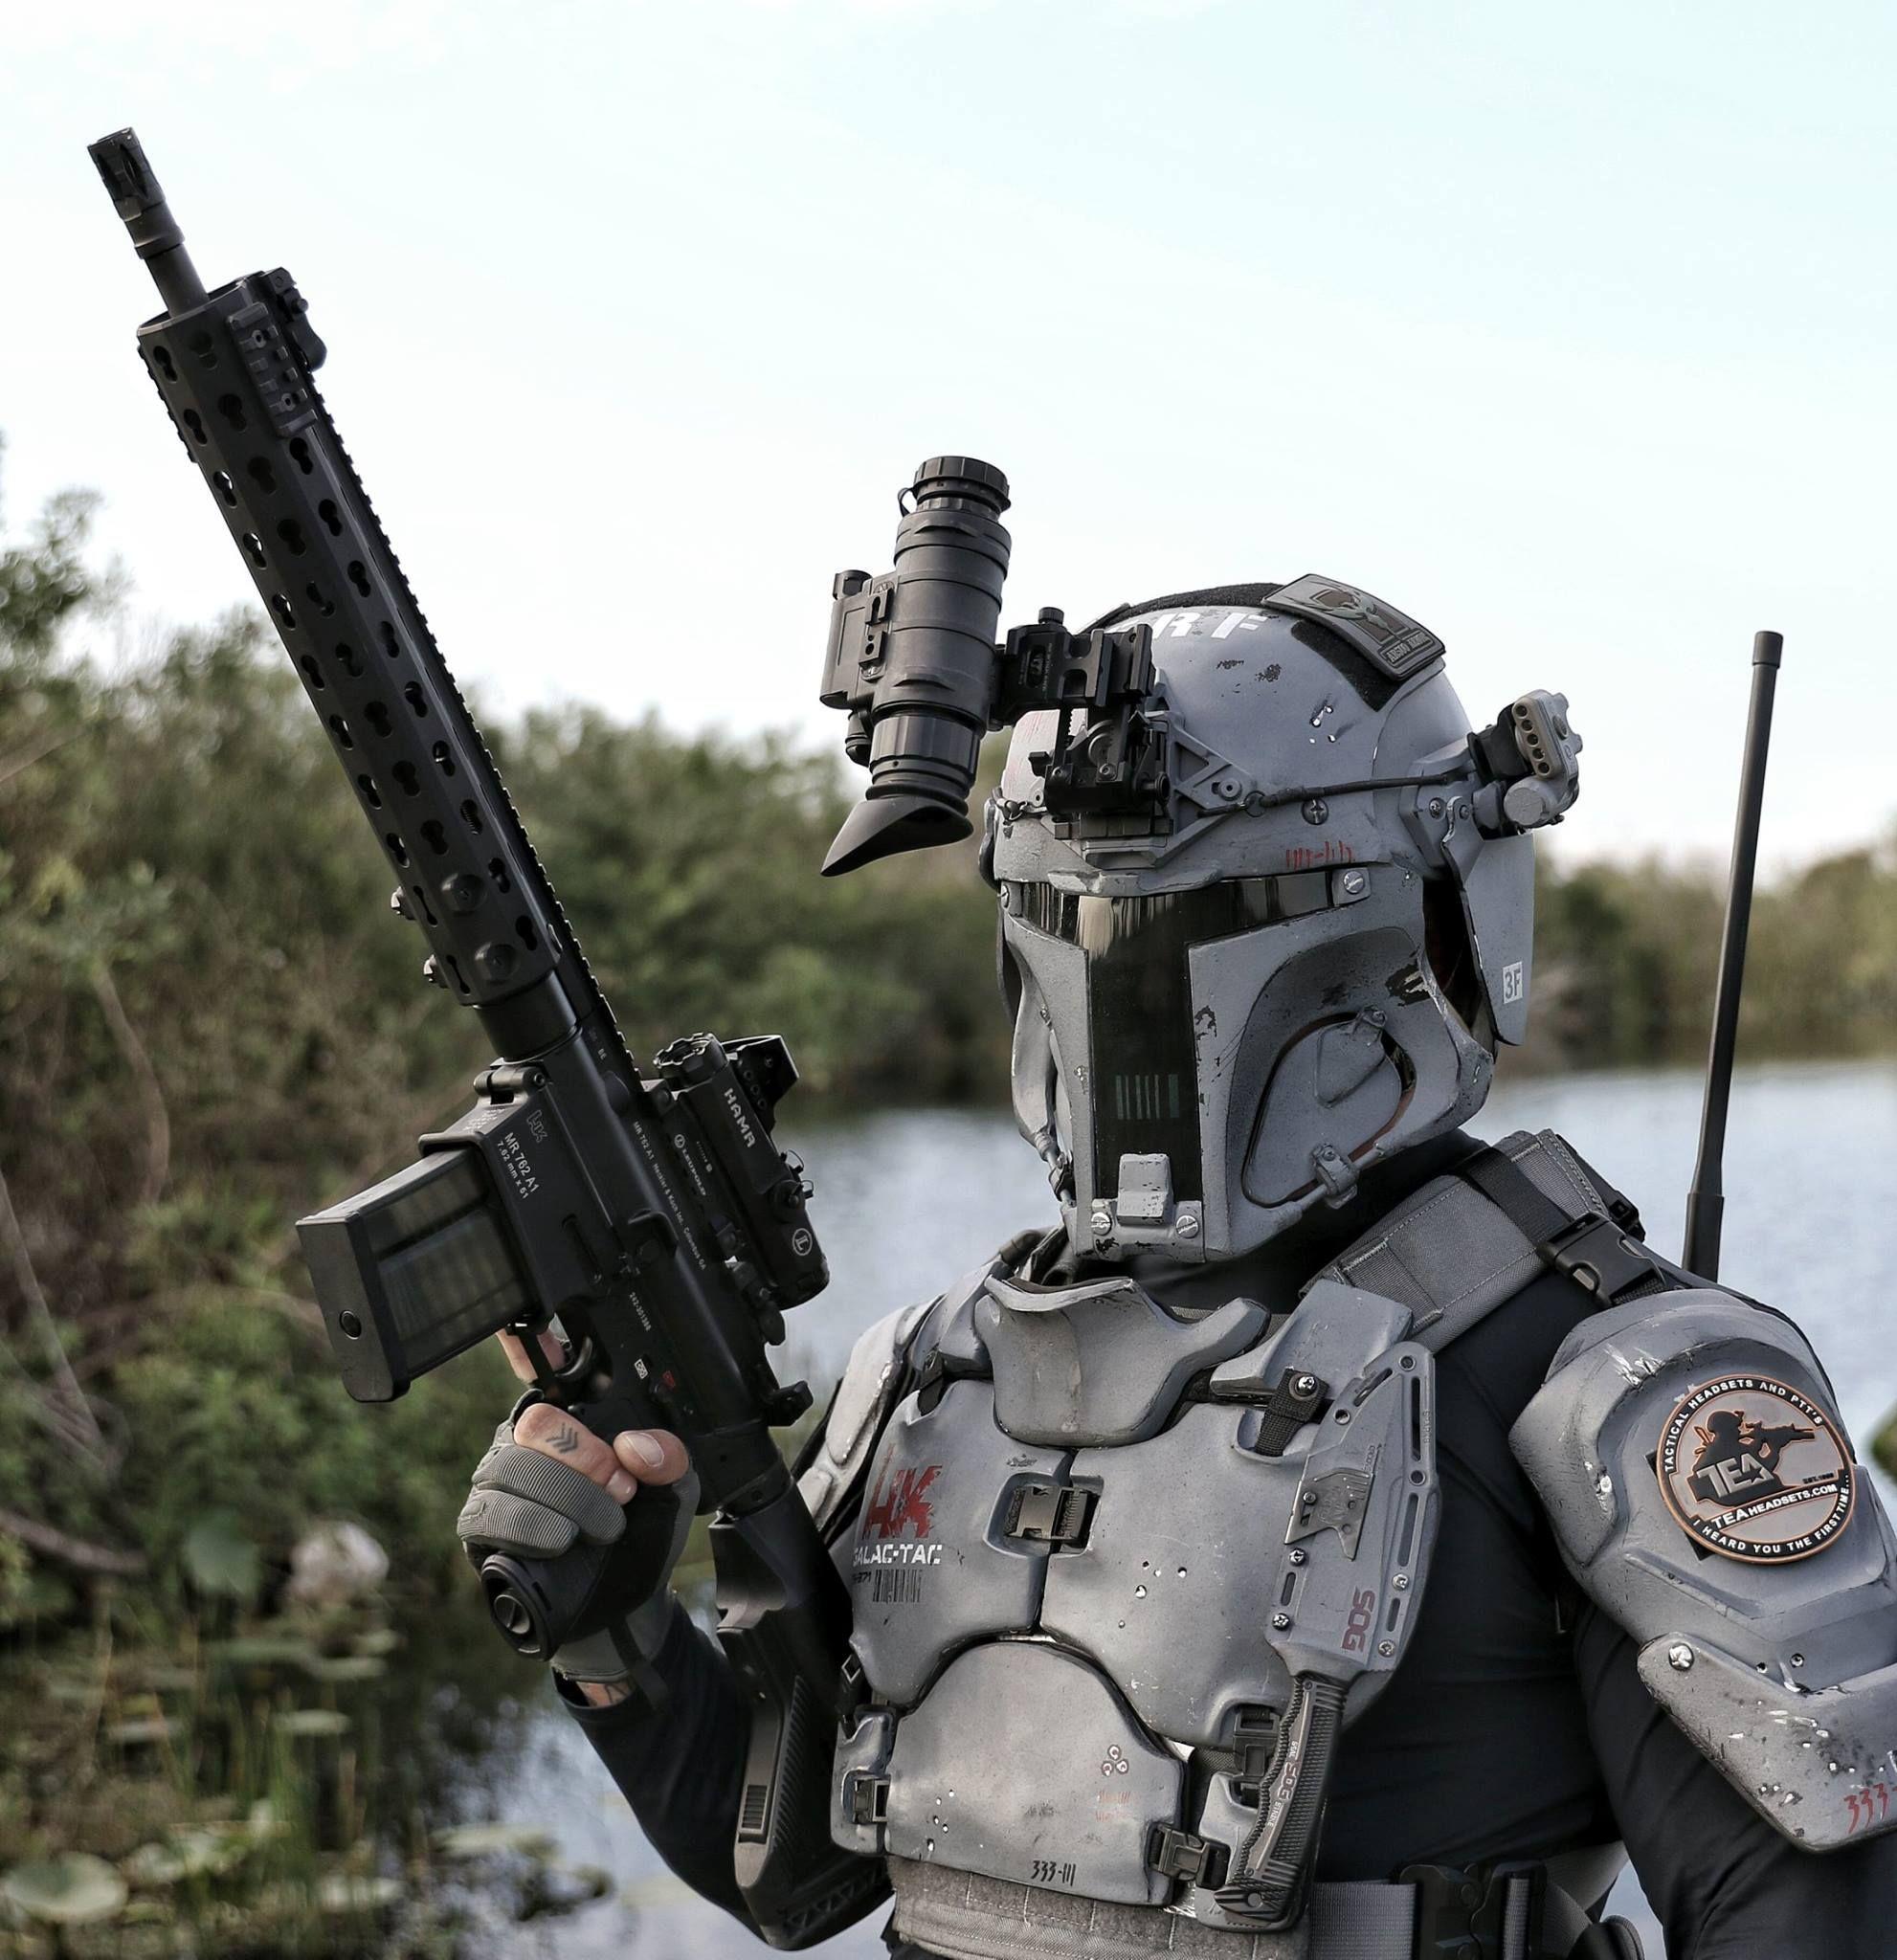 armor based on Boba Fett (mandalorian)